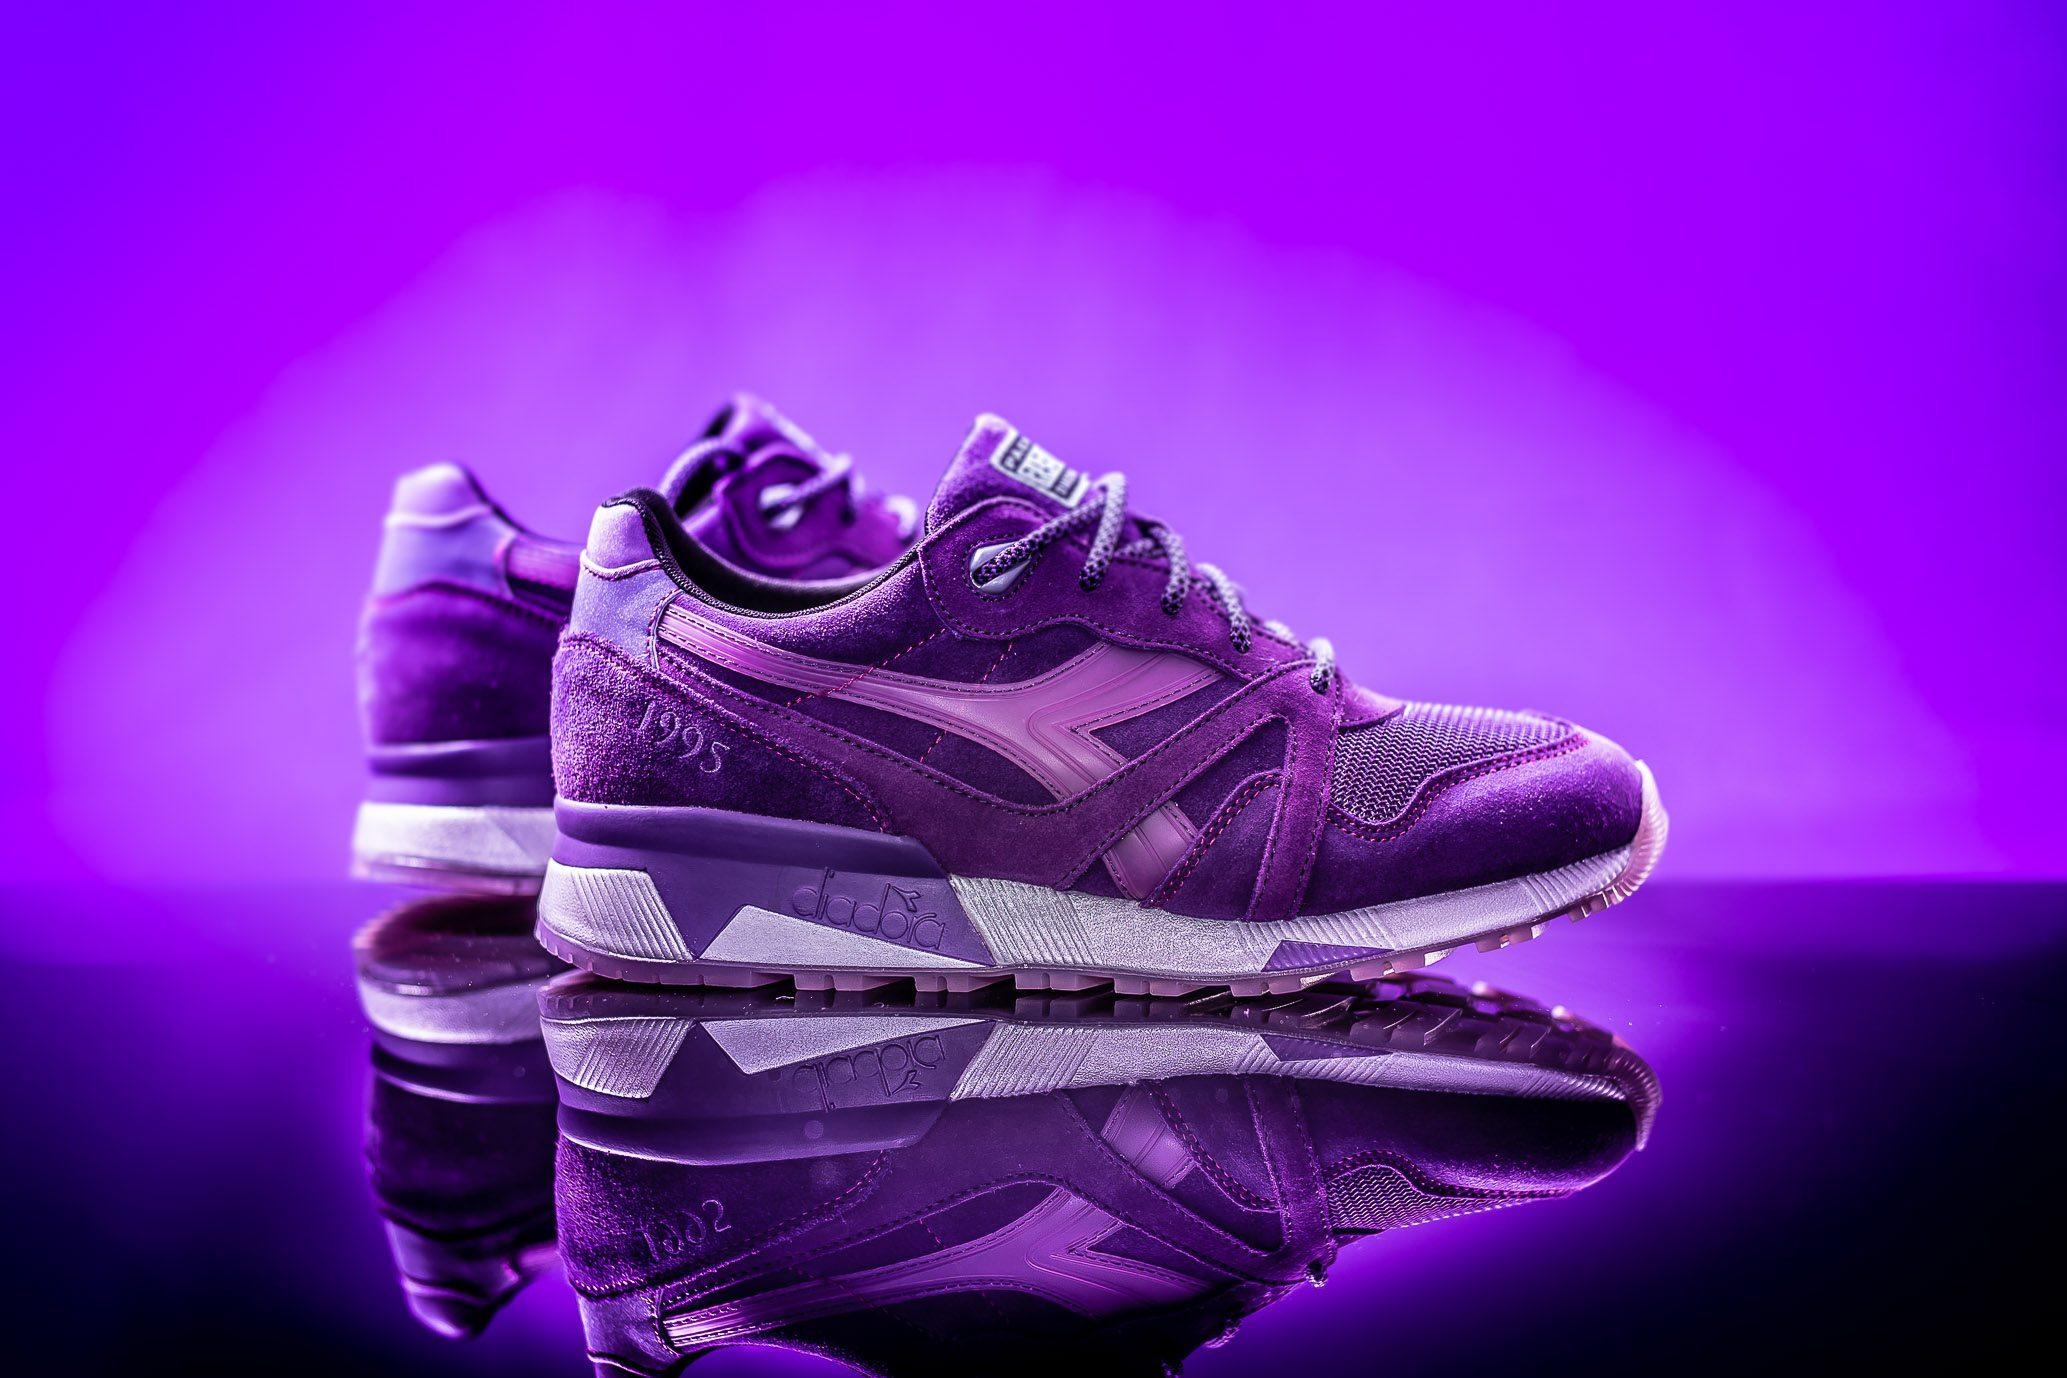 Packer Shoes x Raekwon x Diadora N9000 Purple Tape 7